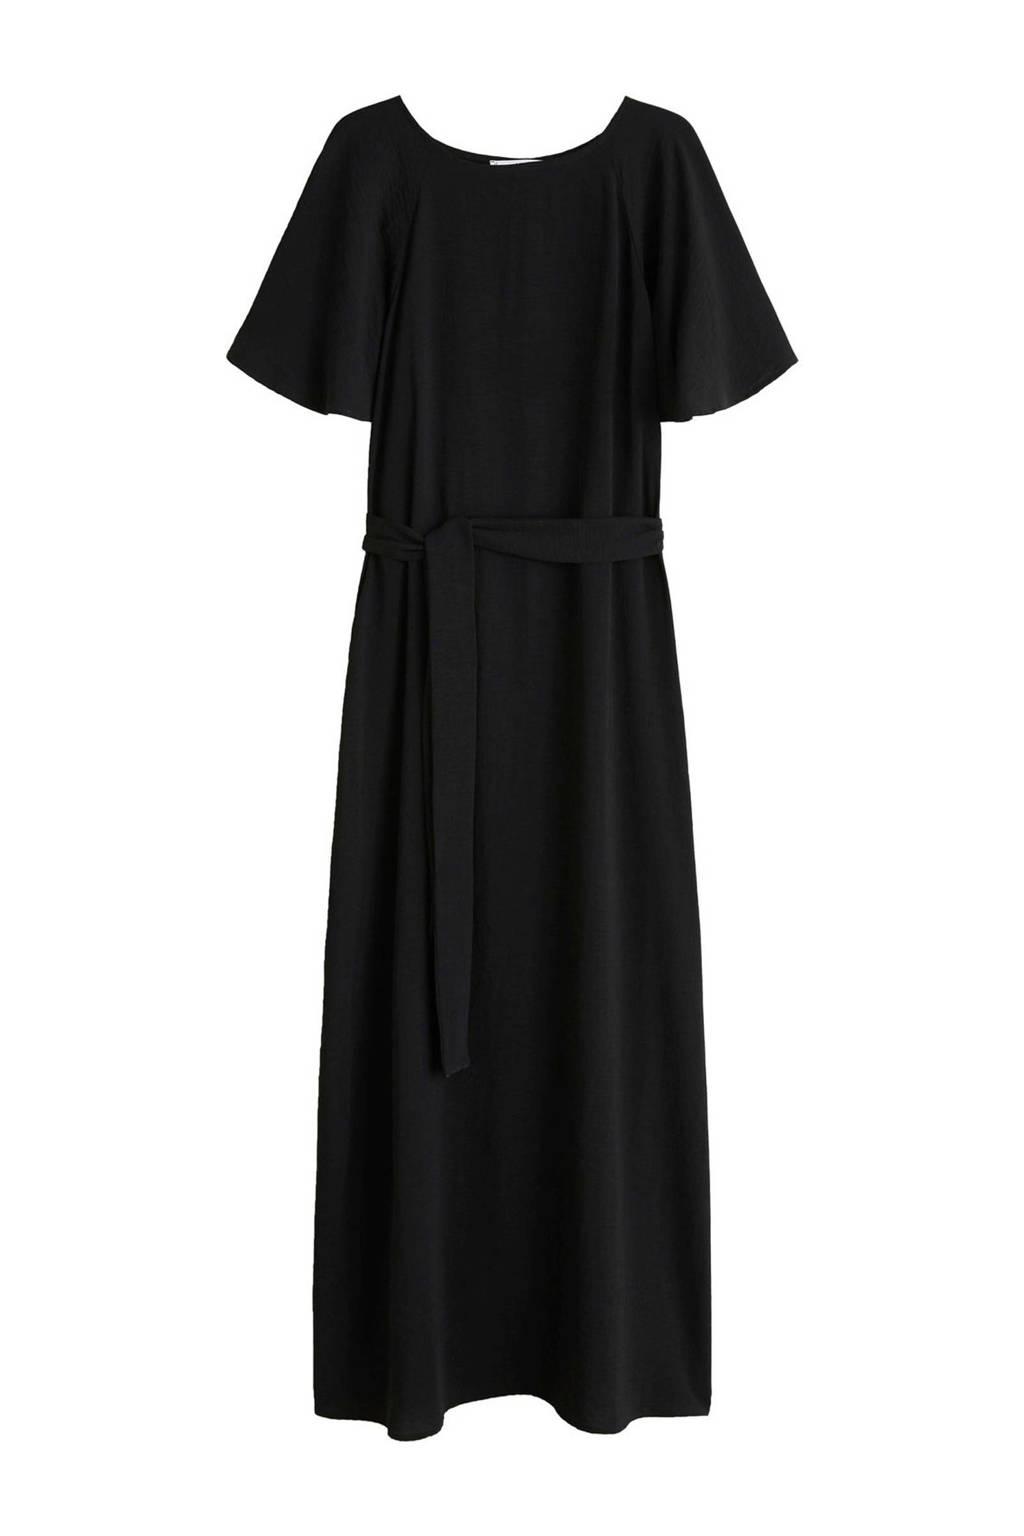 Mango maxi jurk zwart, Zwart